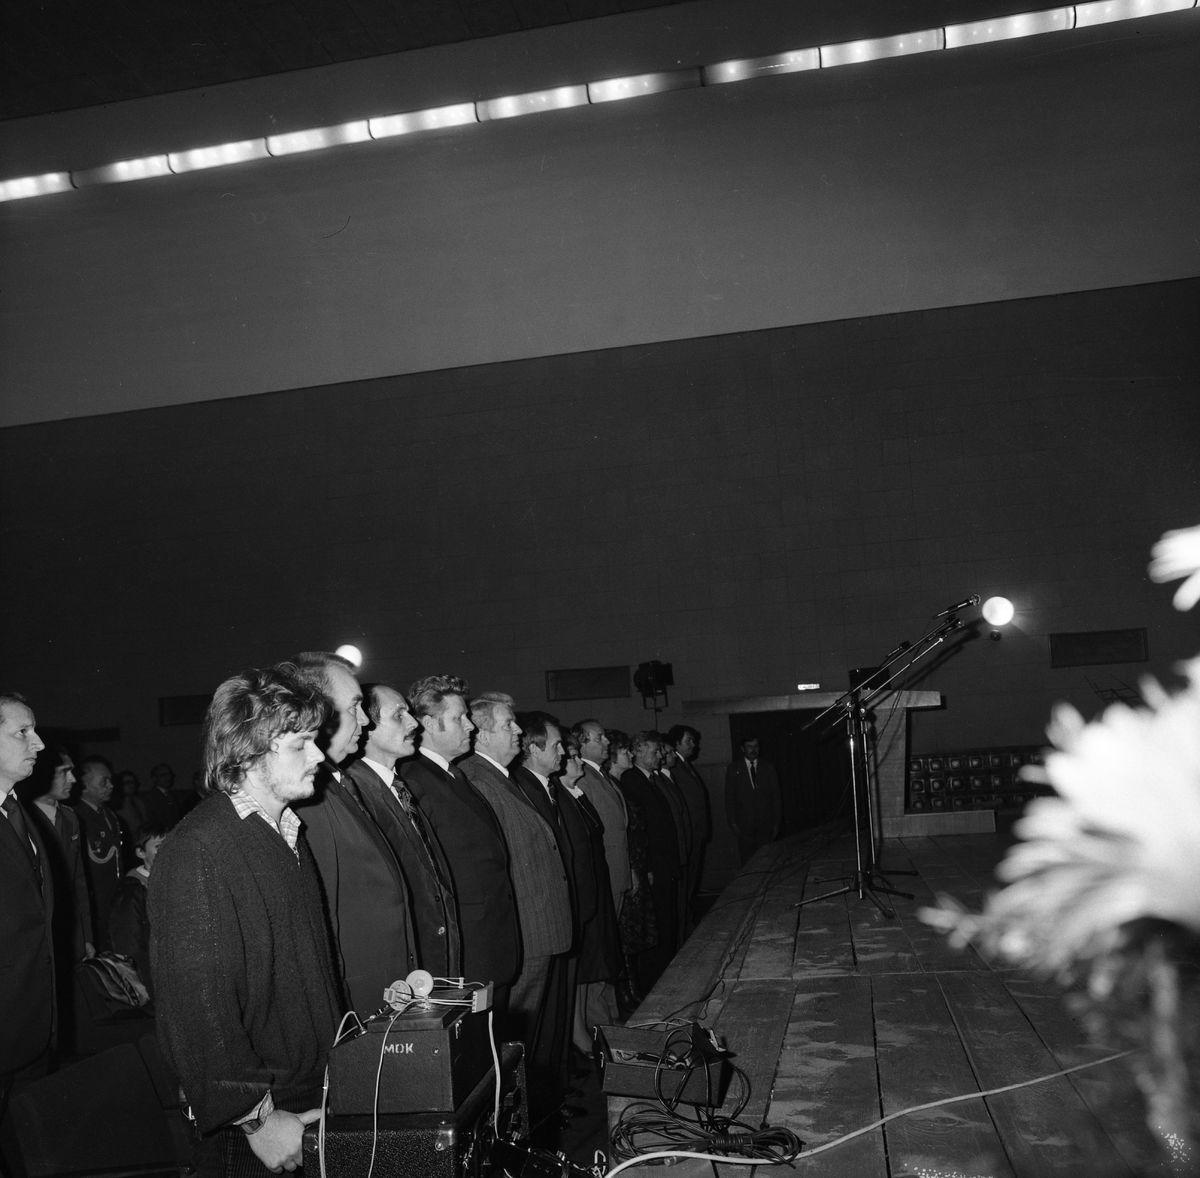 Wizyta konsula ZSRR, 1984 r.